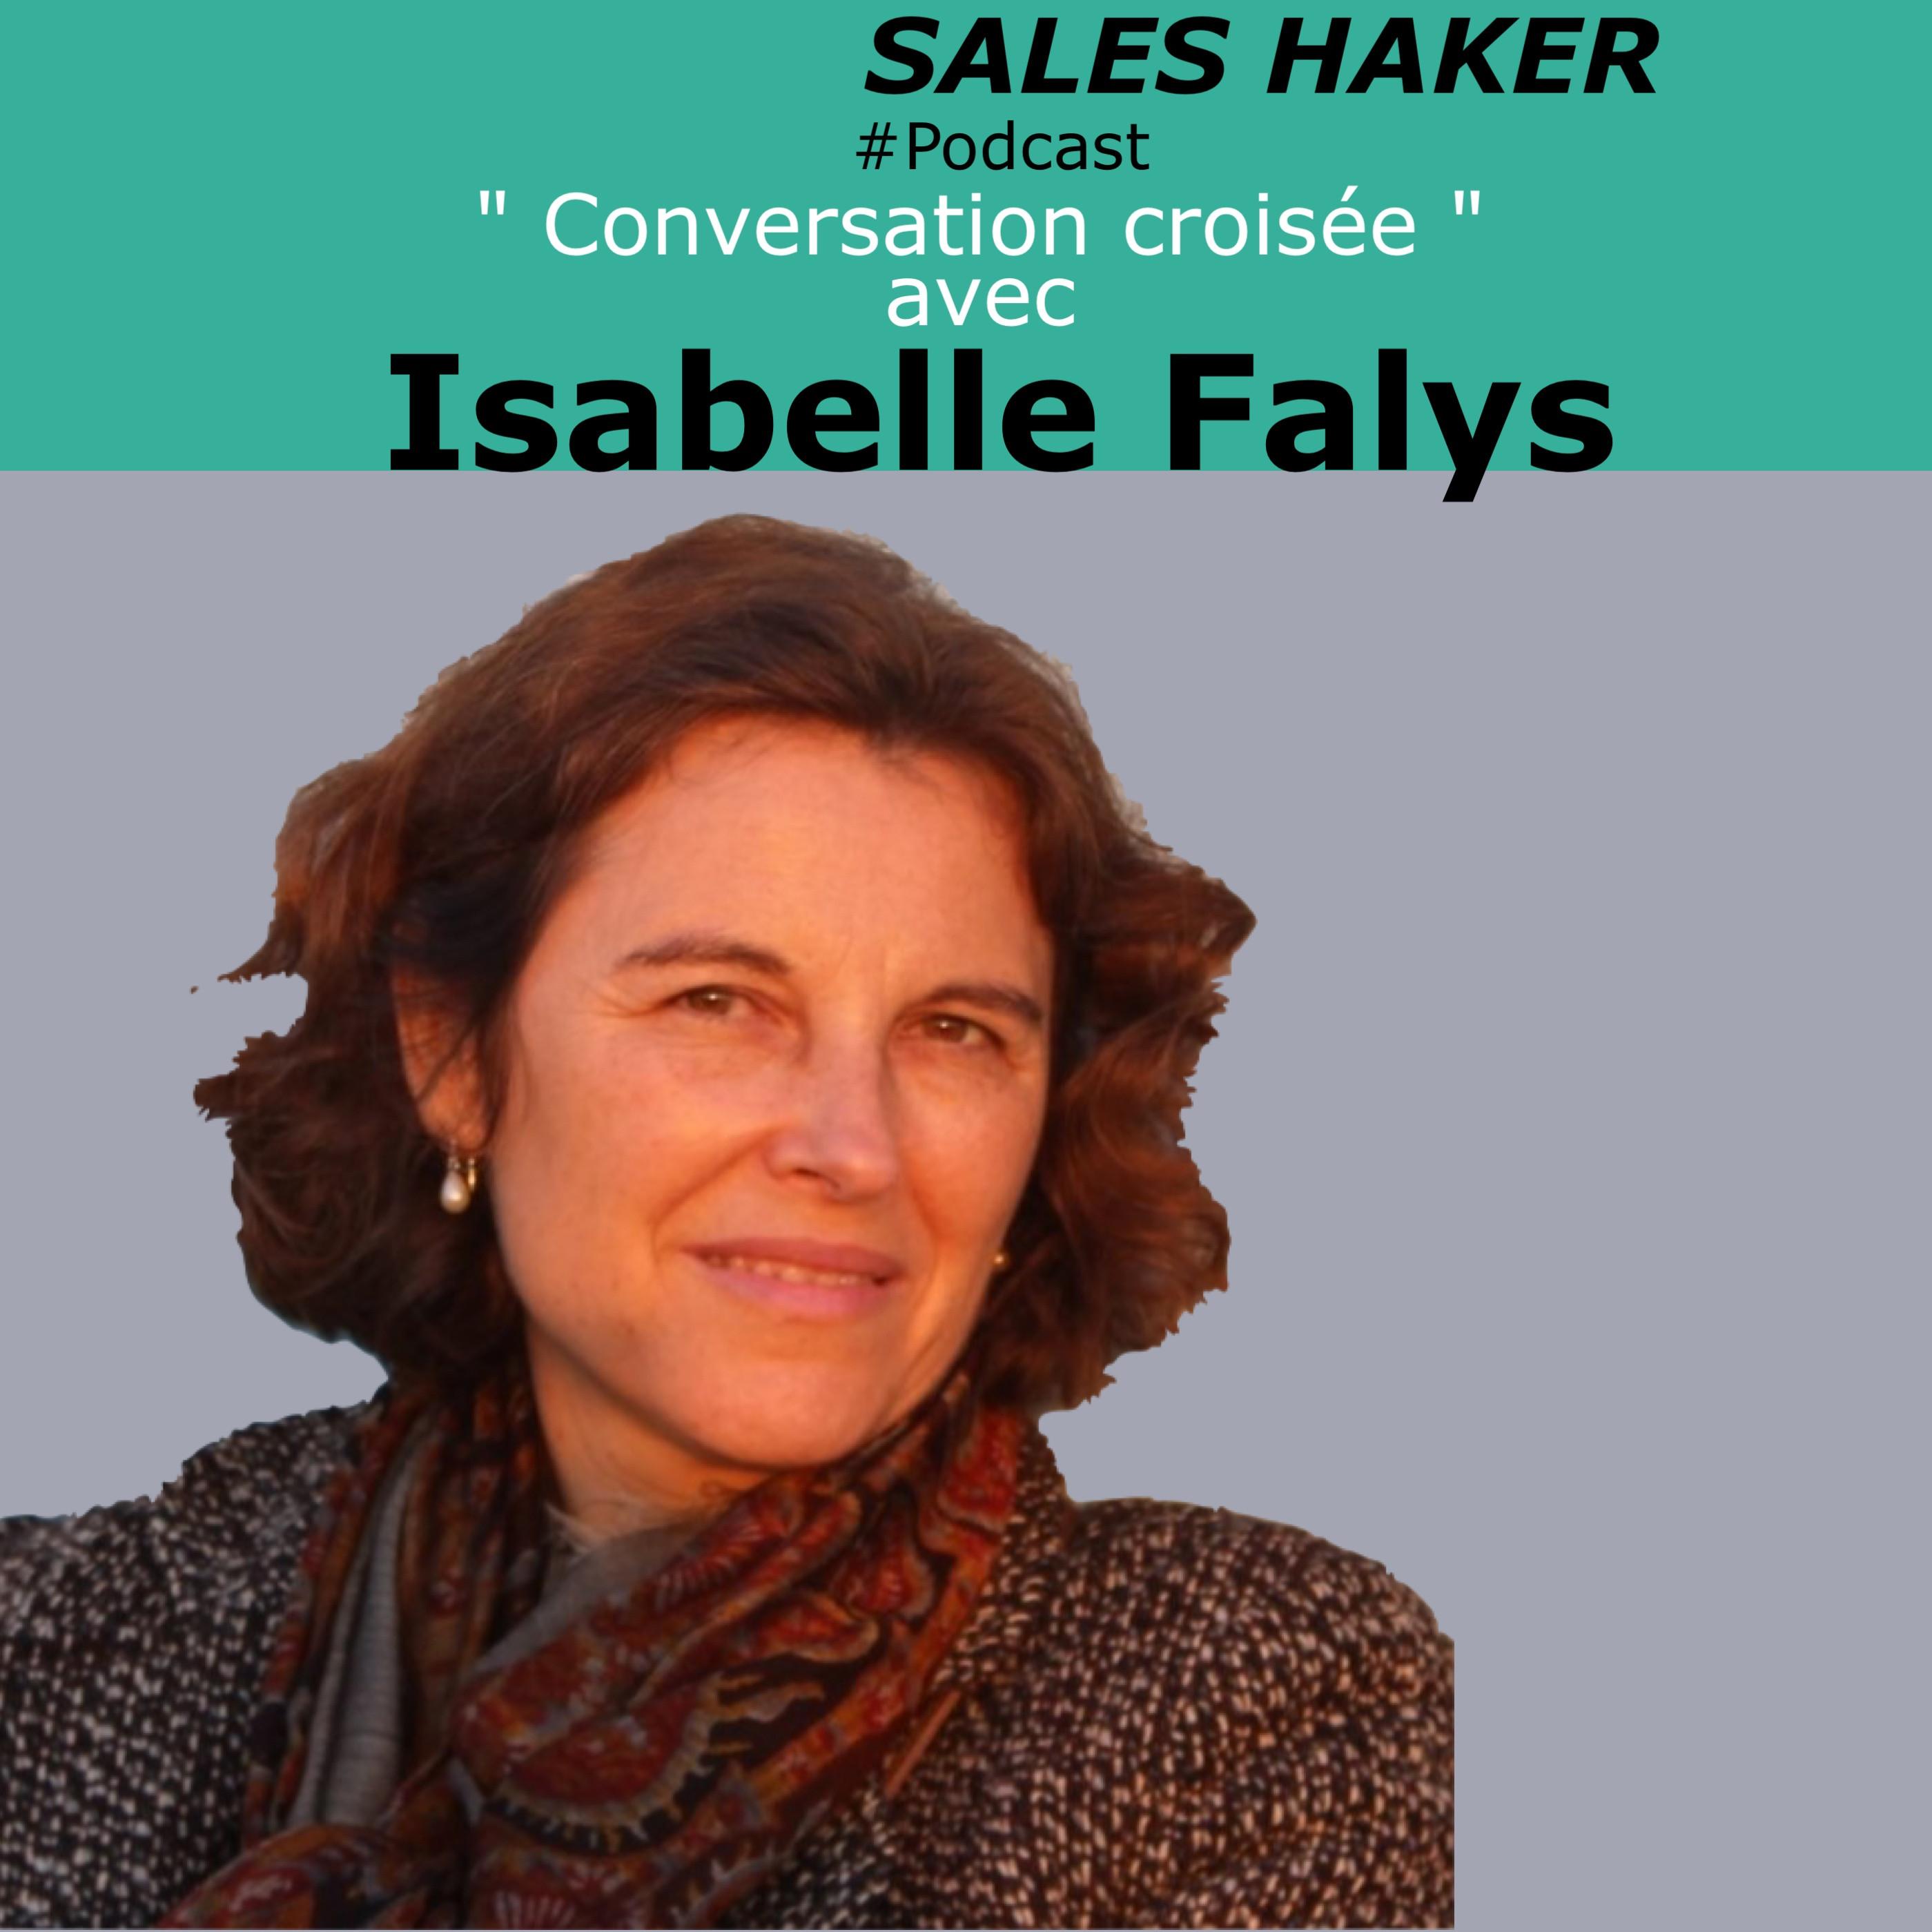 #12 - Conversation croisée - Isabelle Falys - L'expérience client